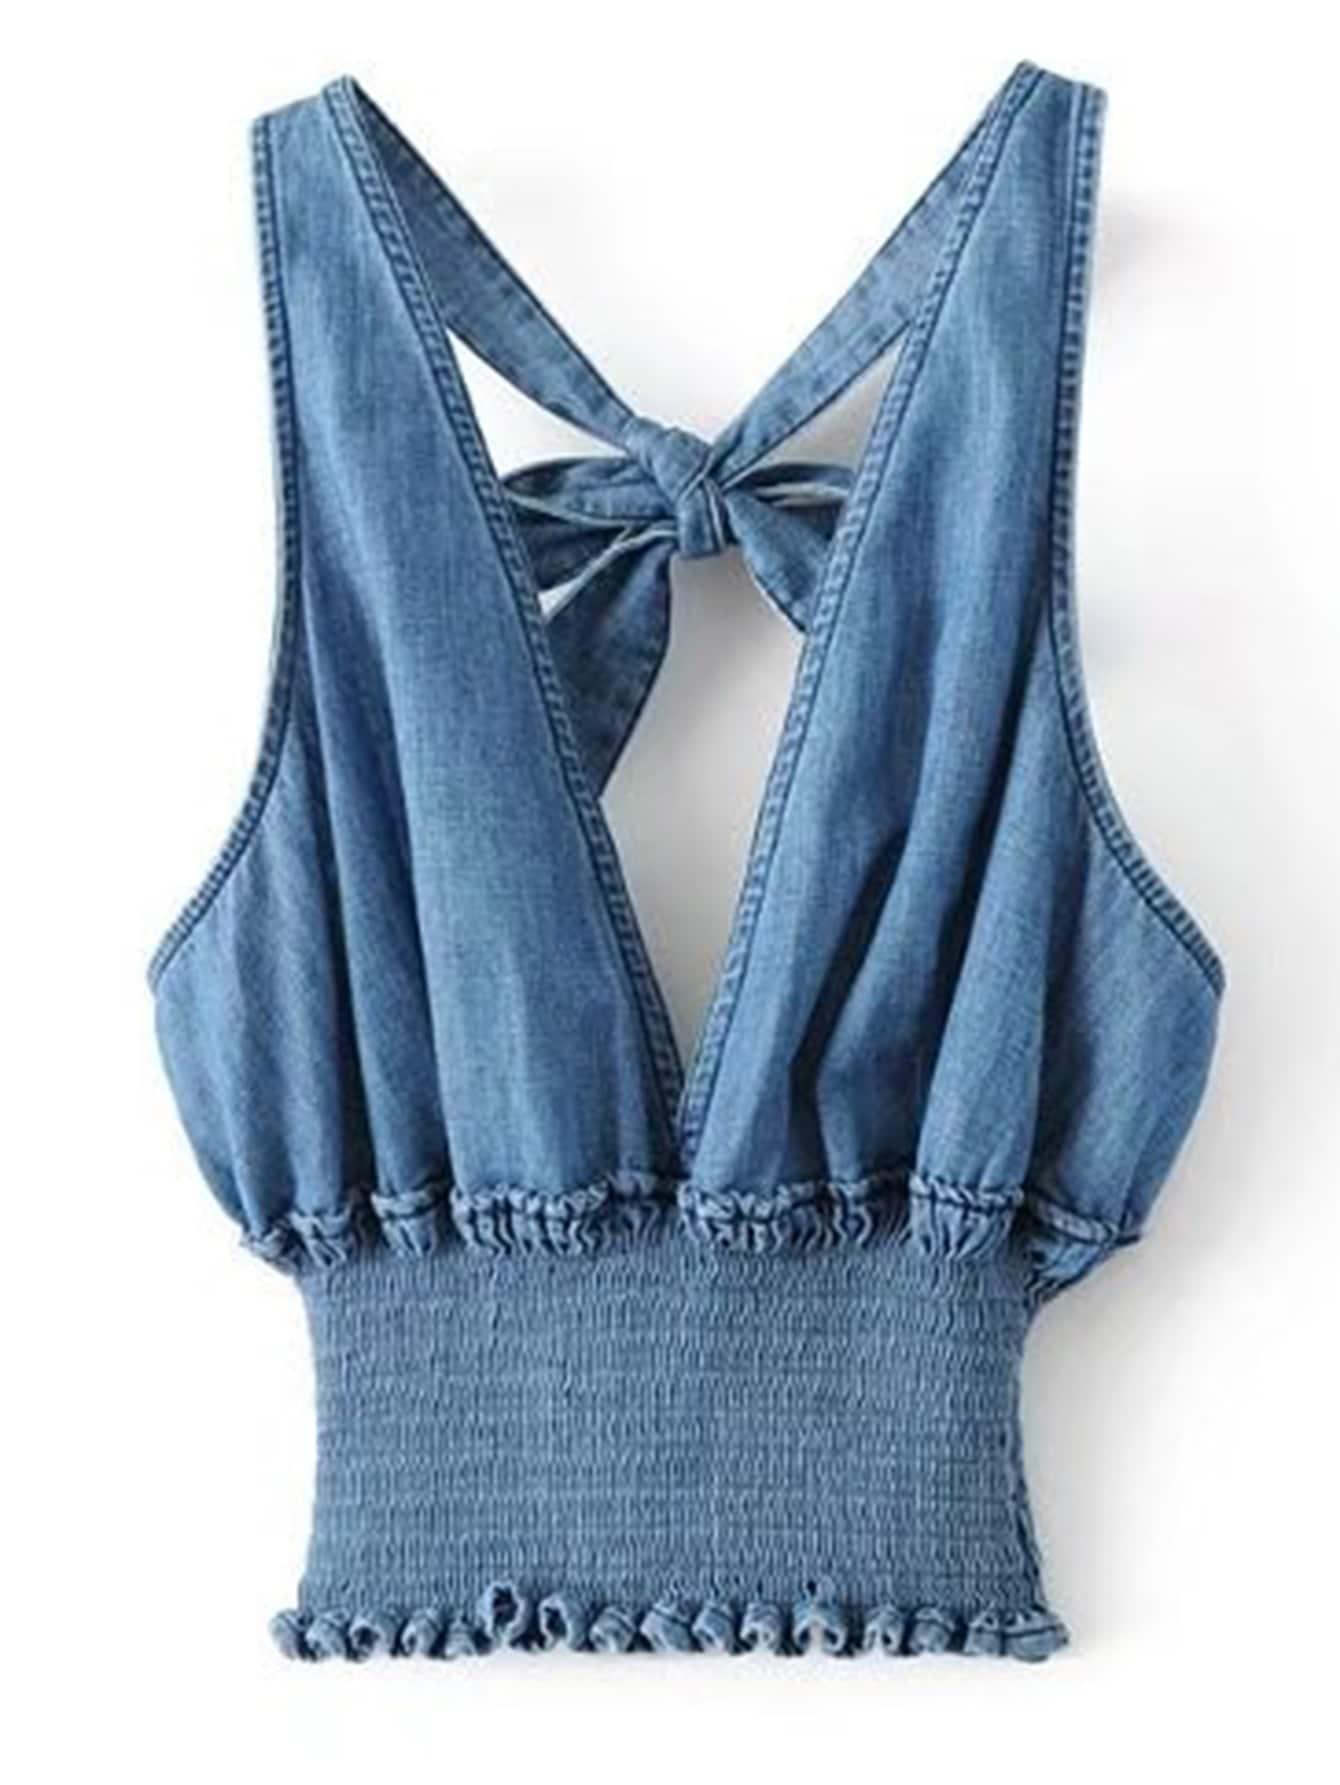 Plunging V-Neckline Knot Back Elastic Waist Denim Top zip up back knot plaid top